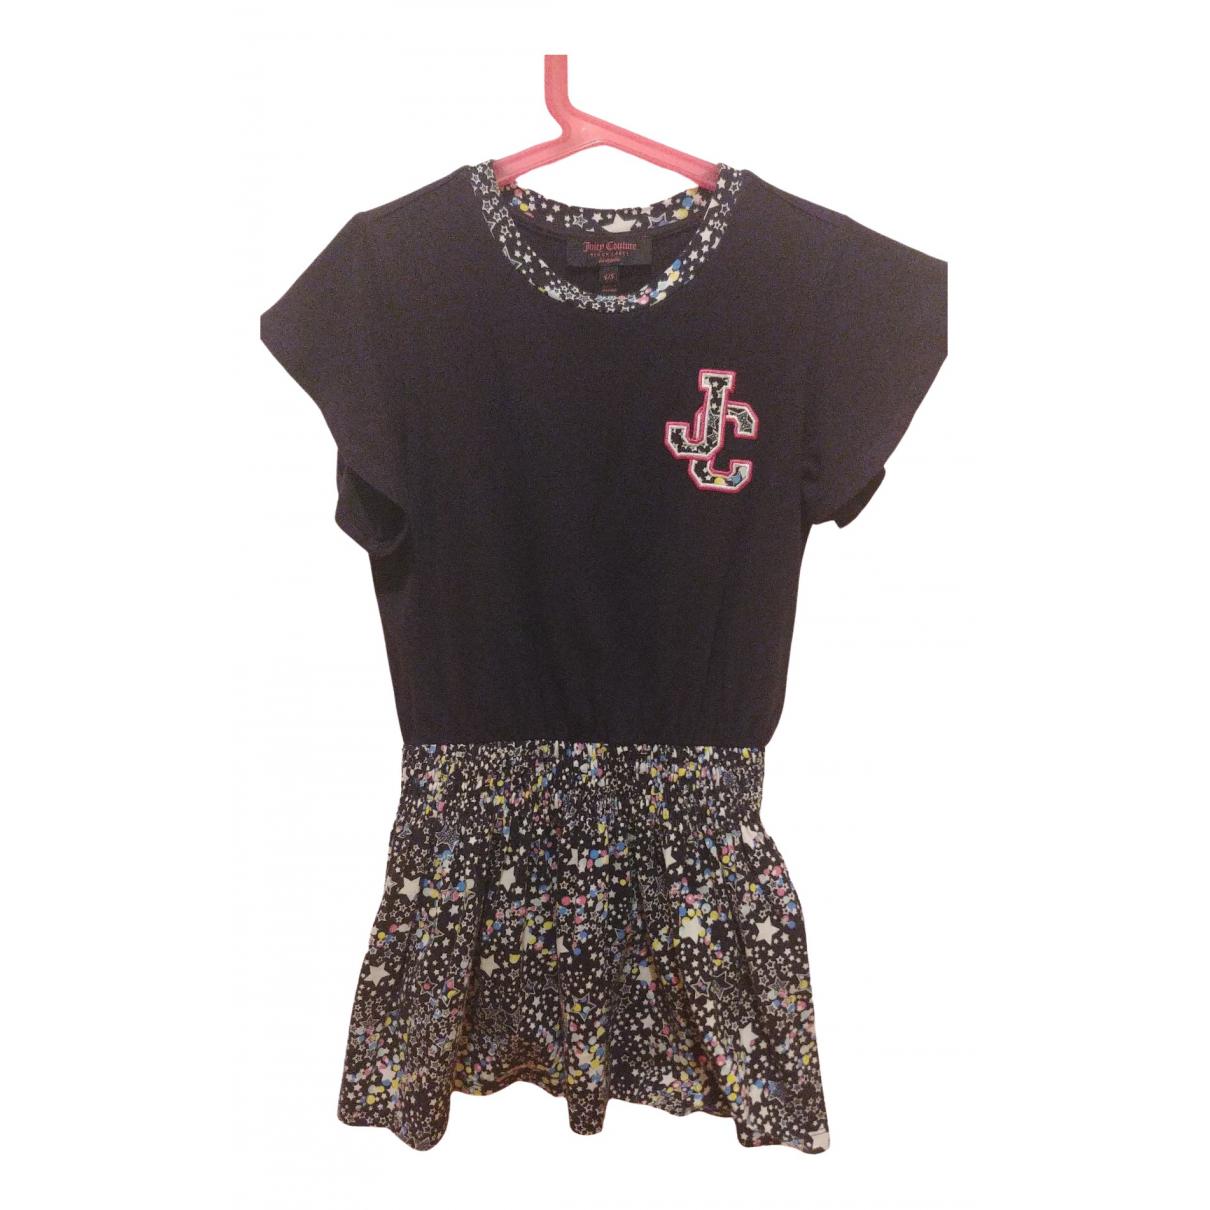 Juicy Couture \N Kleid in  Schwarz Polyester